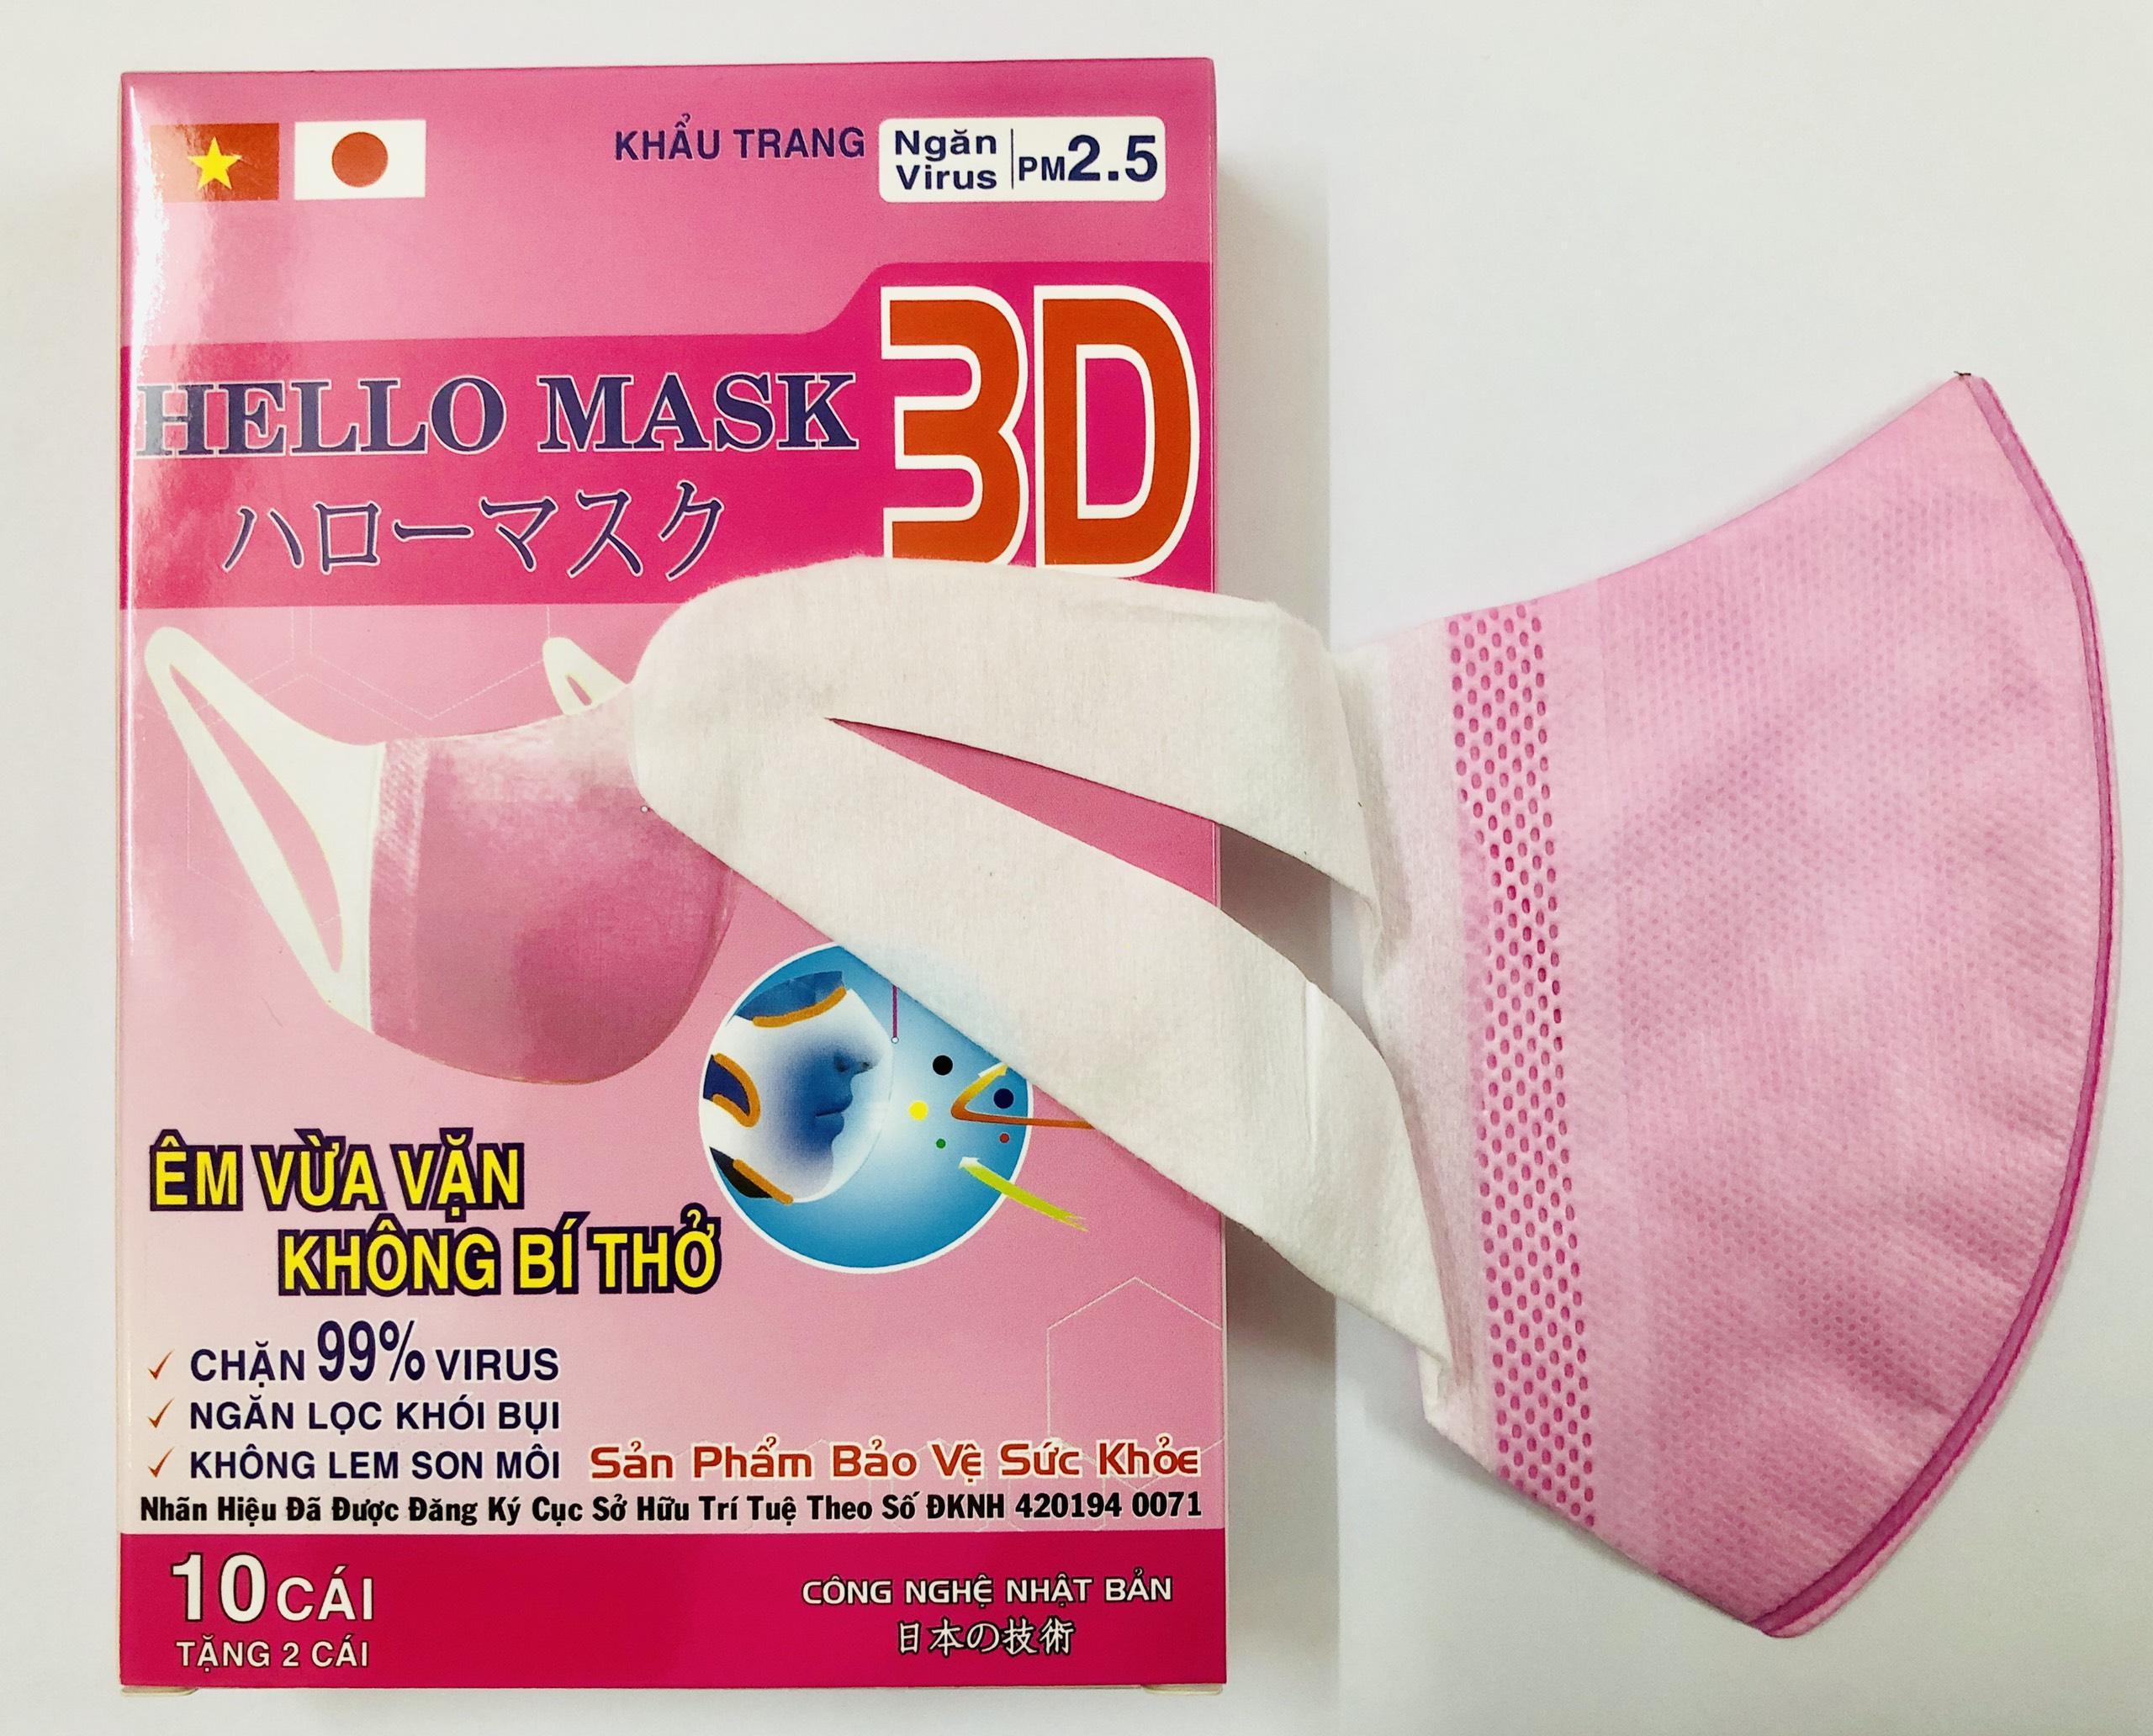 Khẩu Trang 3D Hello Mask (Hộp 10 cái) - Màu Hồng